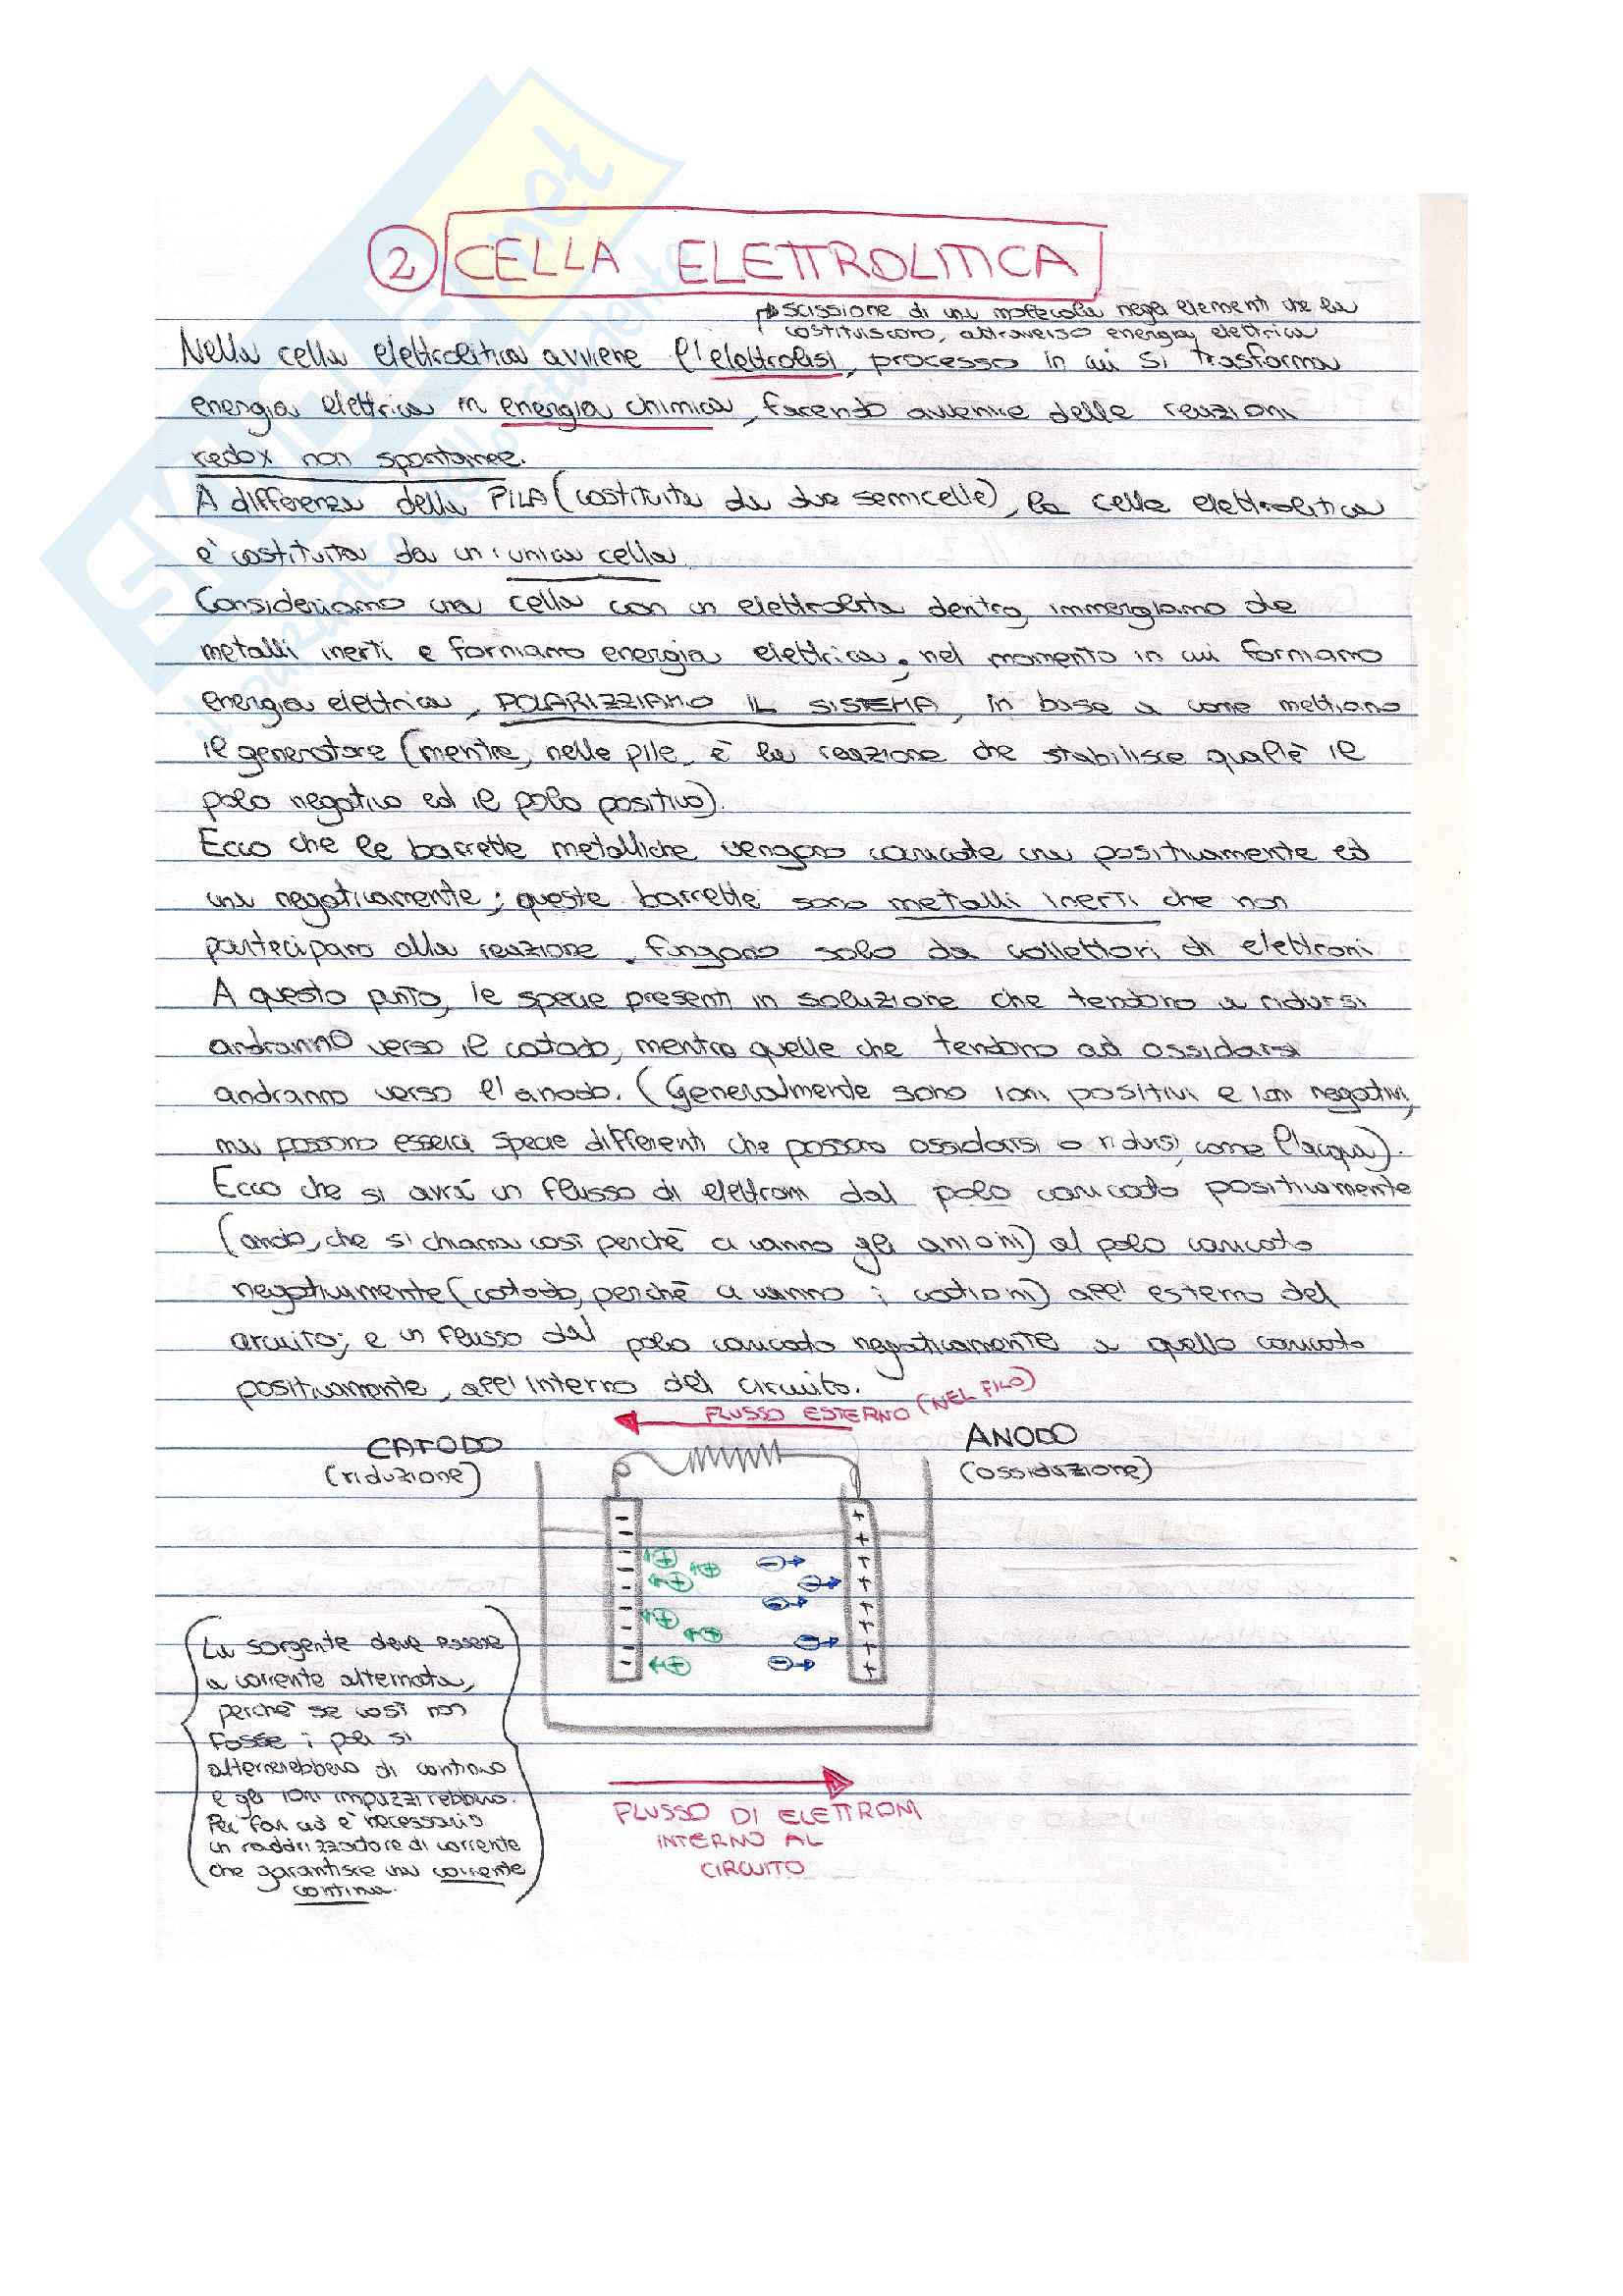 Appunti di chimica su Celle elettrolitiche e Leggi di Faraday